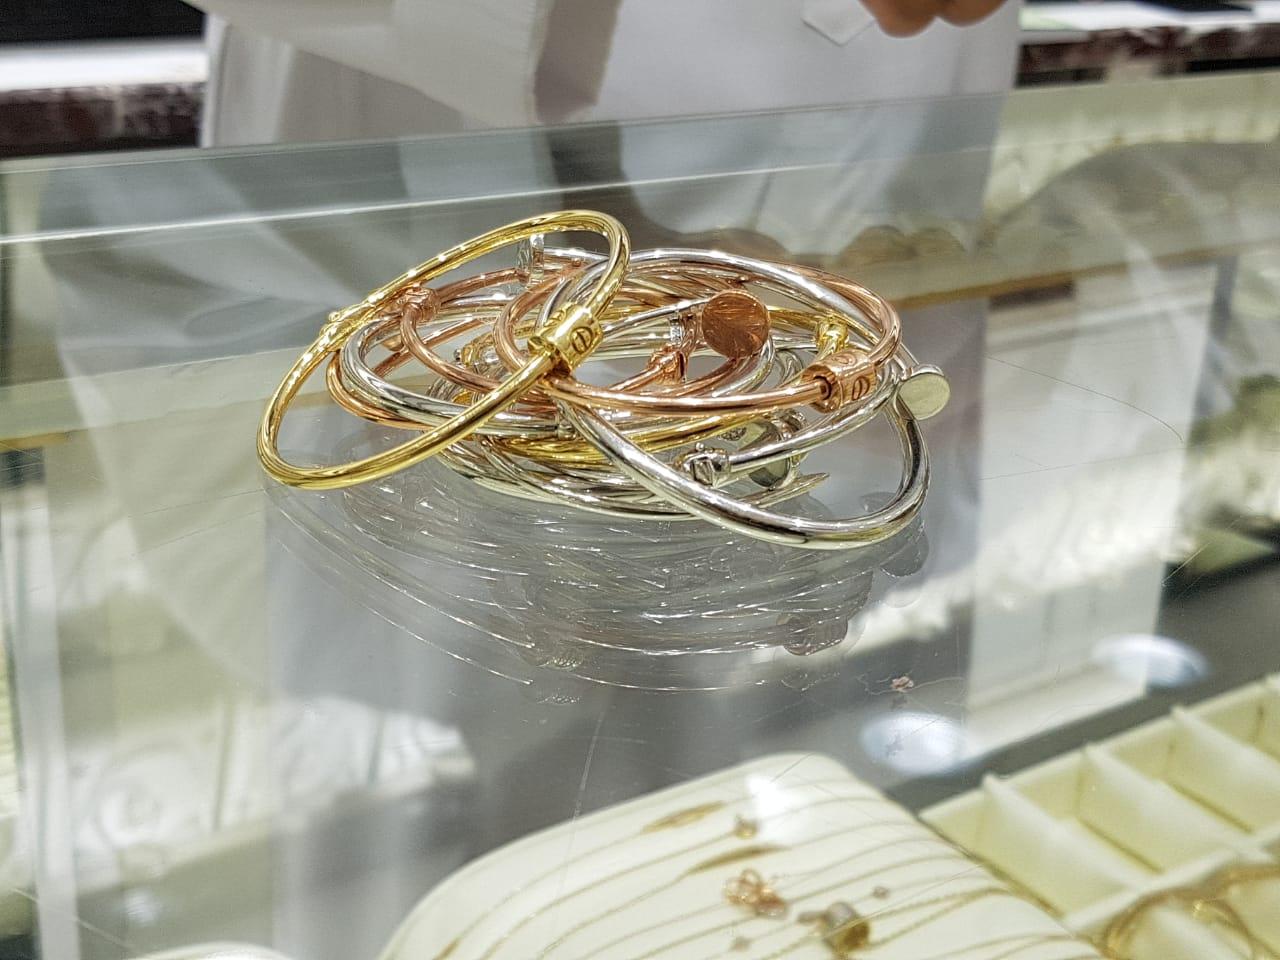 بالصور: ضبط مجوهرات بالرياض مقلدة لماركة عالمية